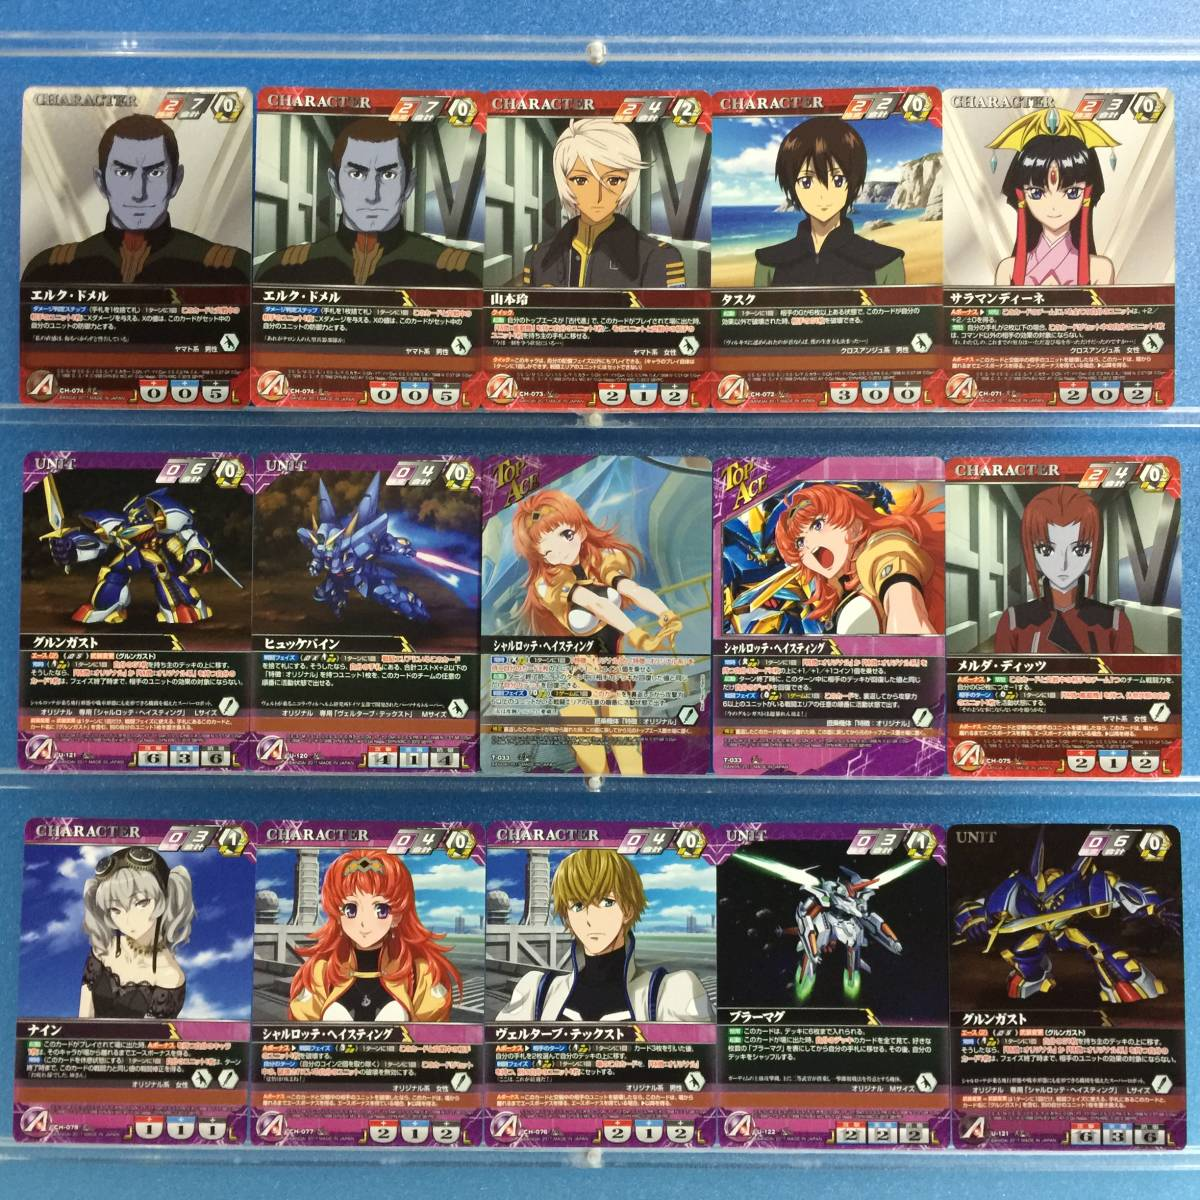 【Crusade】スーパーロボット大戦Vクルセイド 第2弾 ~果て無き激戦~(SRW-CB02) フルコンプ167枚 (全113種+パラレル54種)_画像9